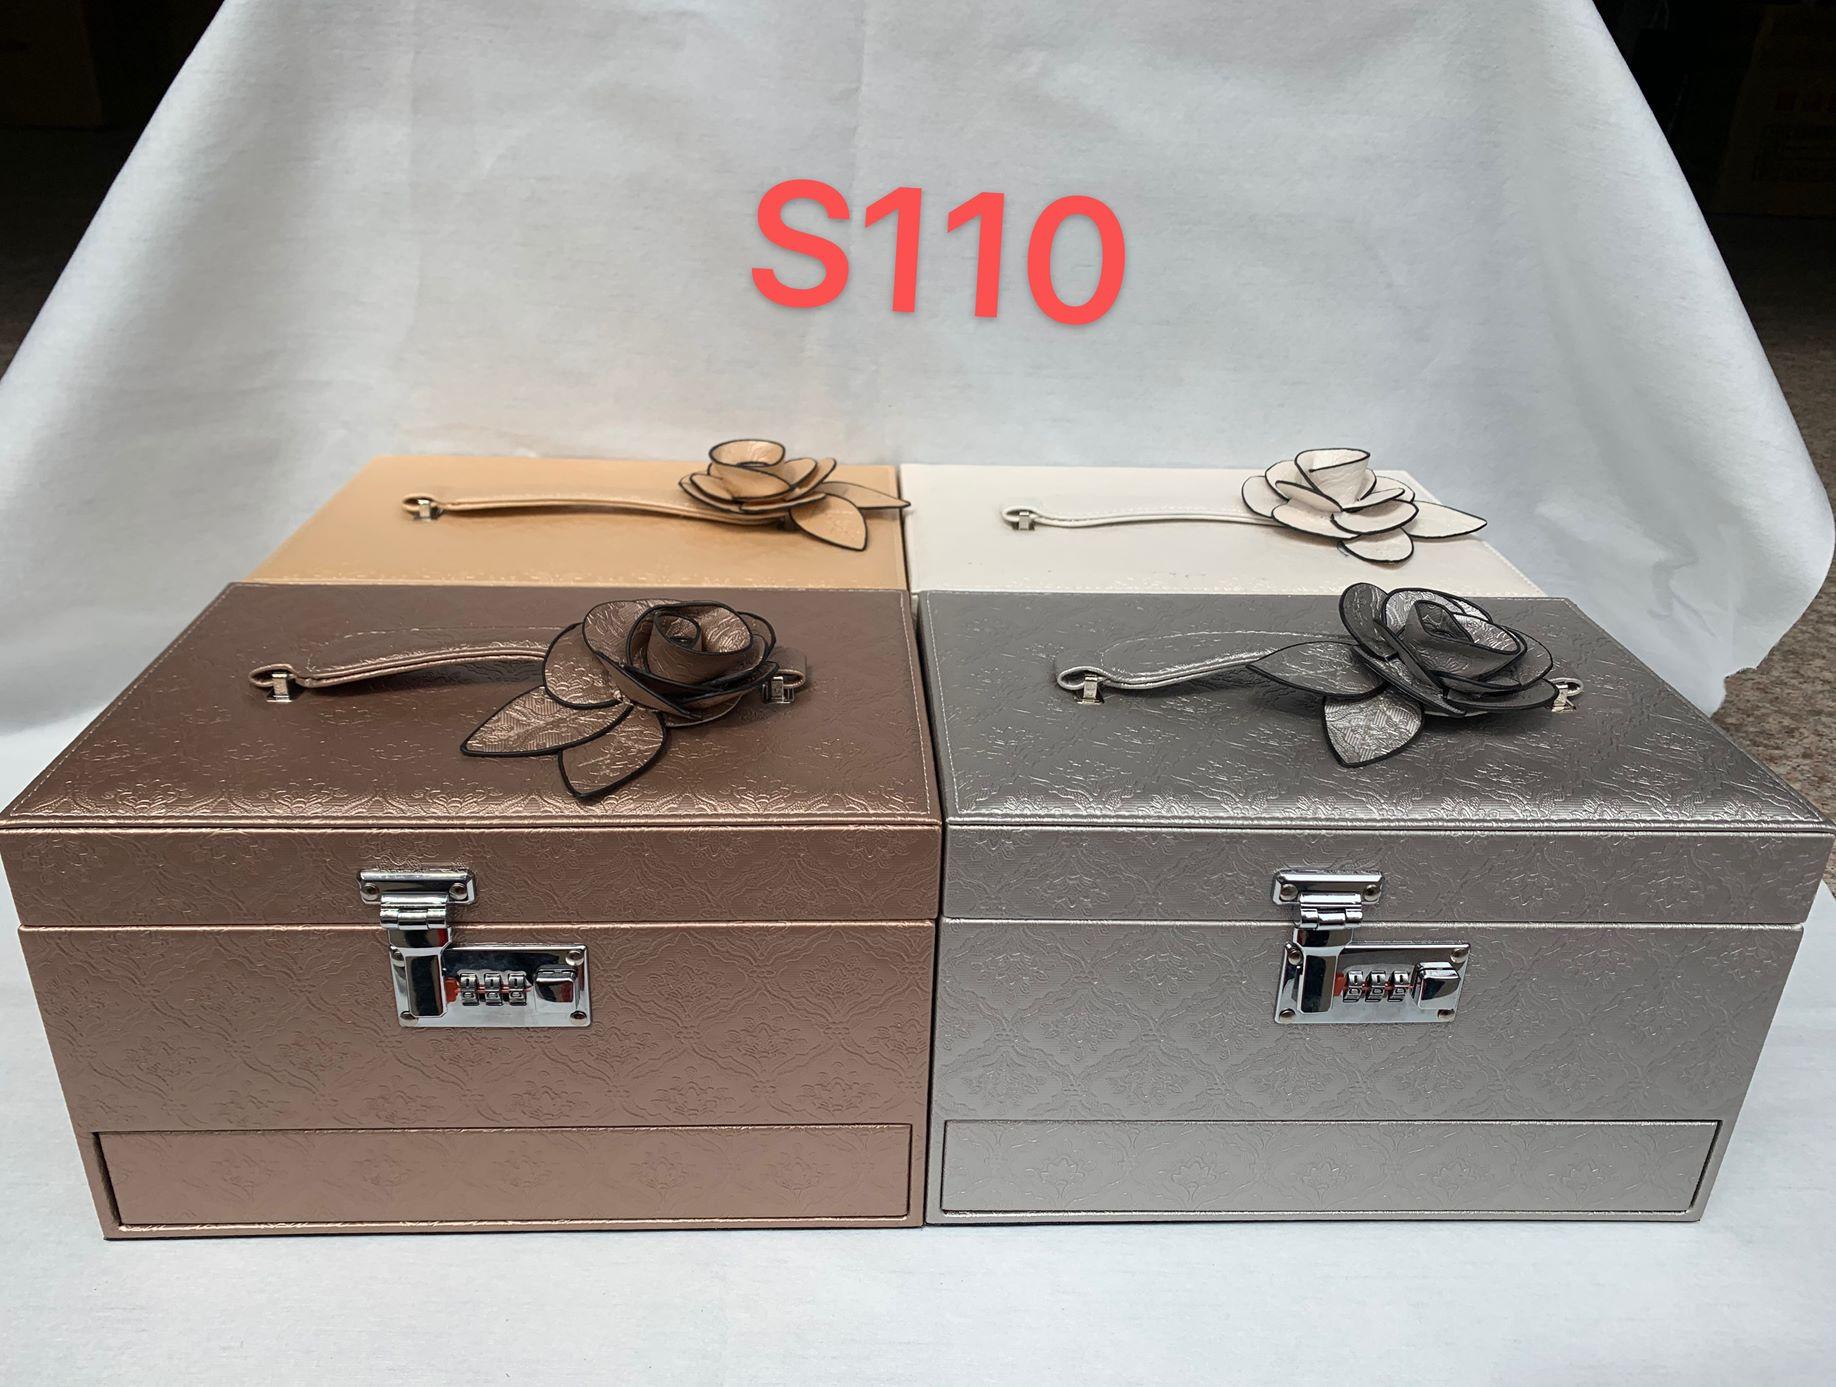 义乌好货 化妆包首饰盒首饰收纳箱s110